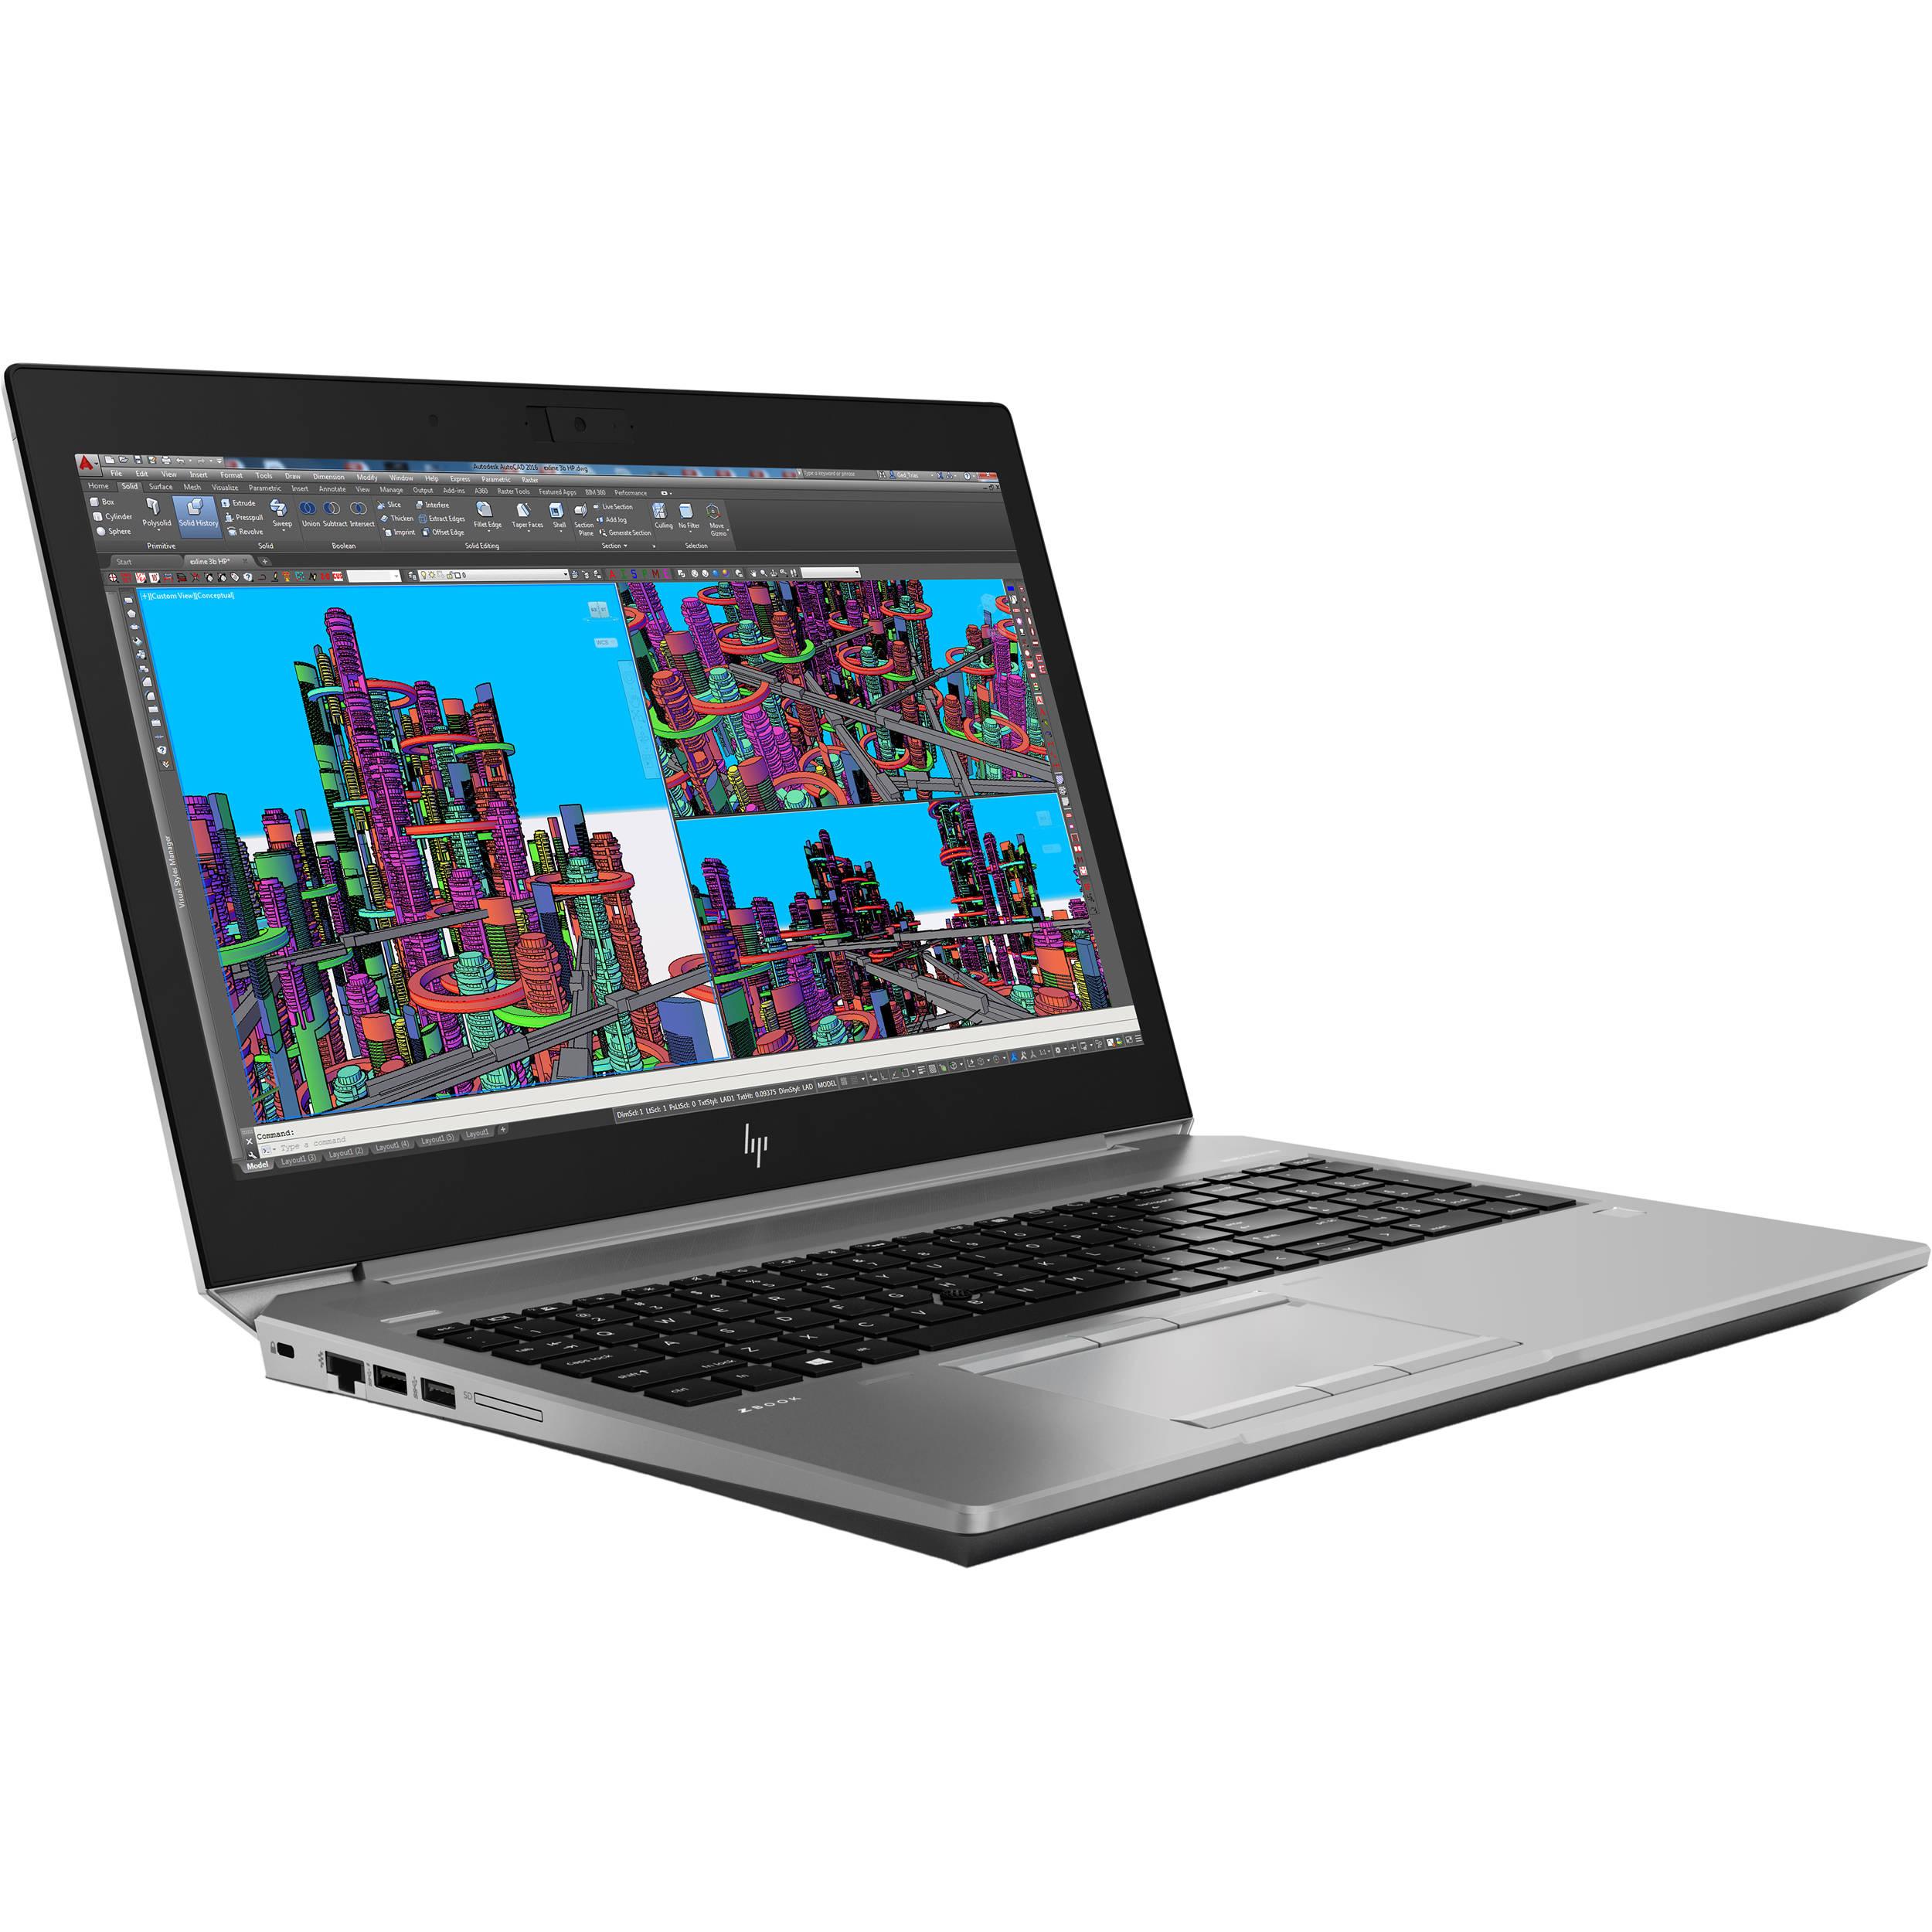 Laptop Workstation HP ZBook 15 G5 3AX12AV - Tìm Hàng Công Nghệ